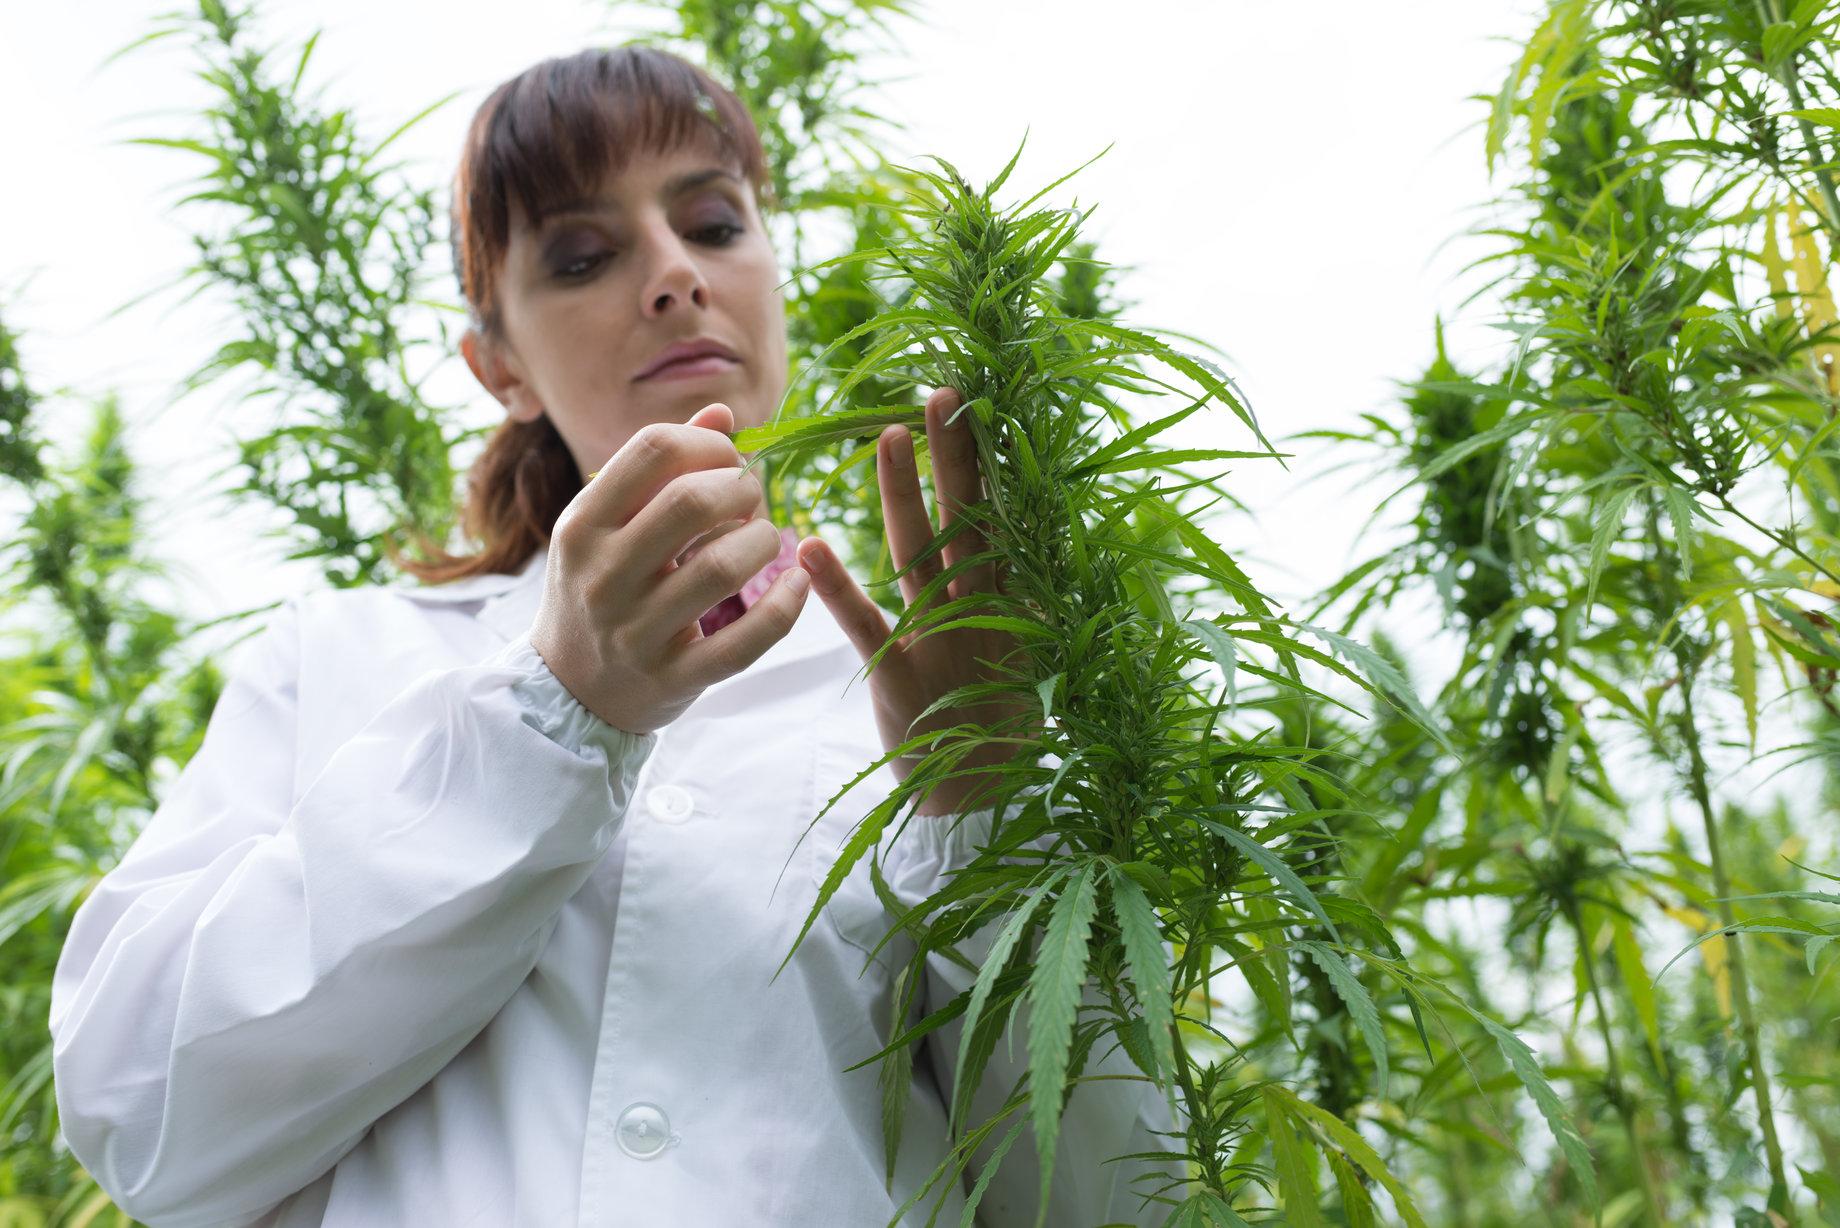 Forsker der checker hamp planter